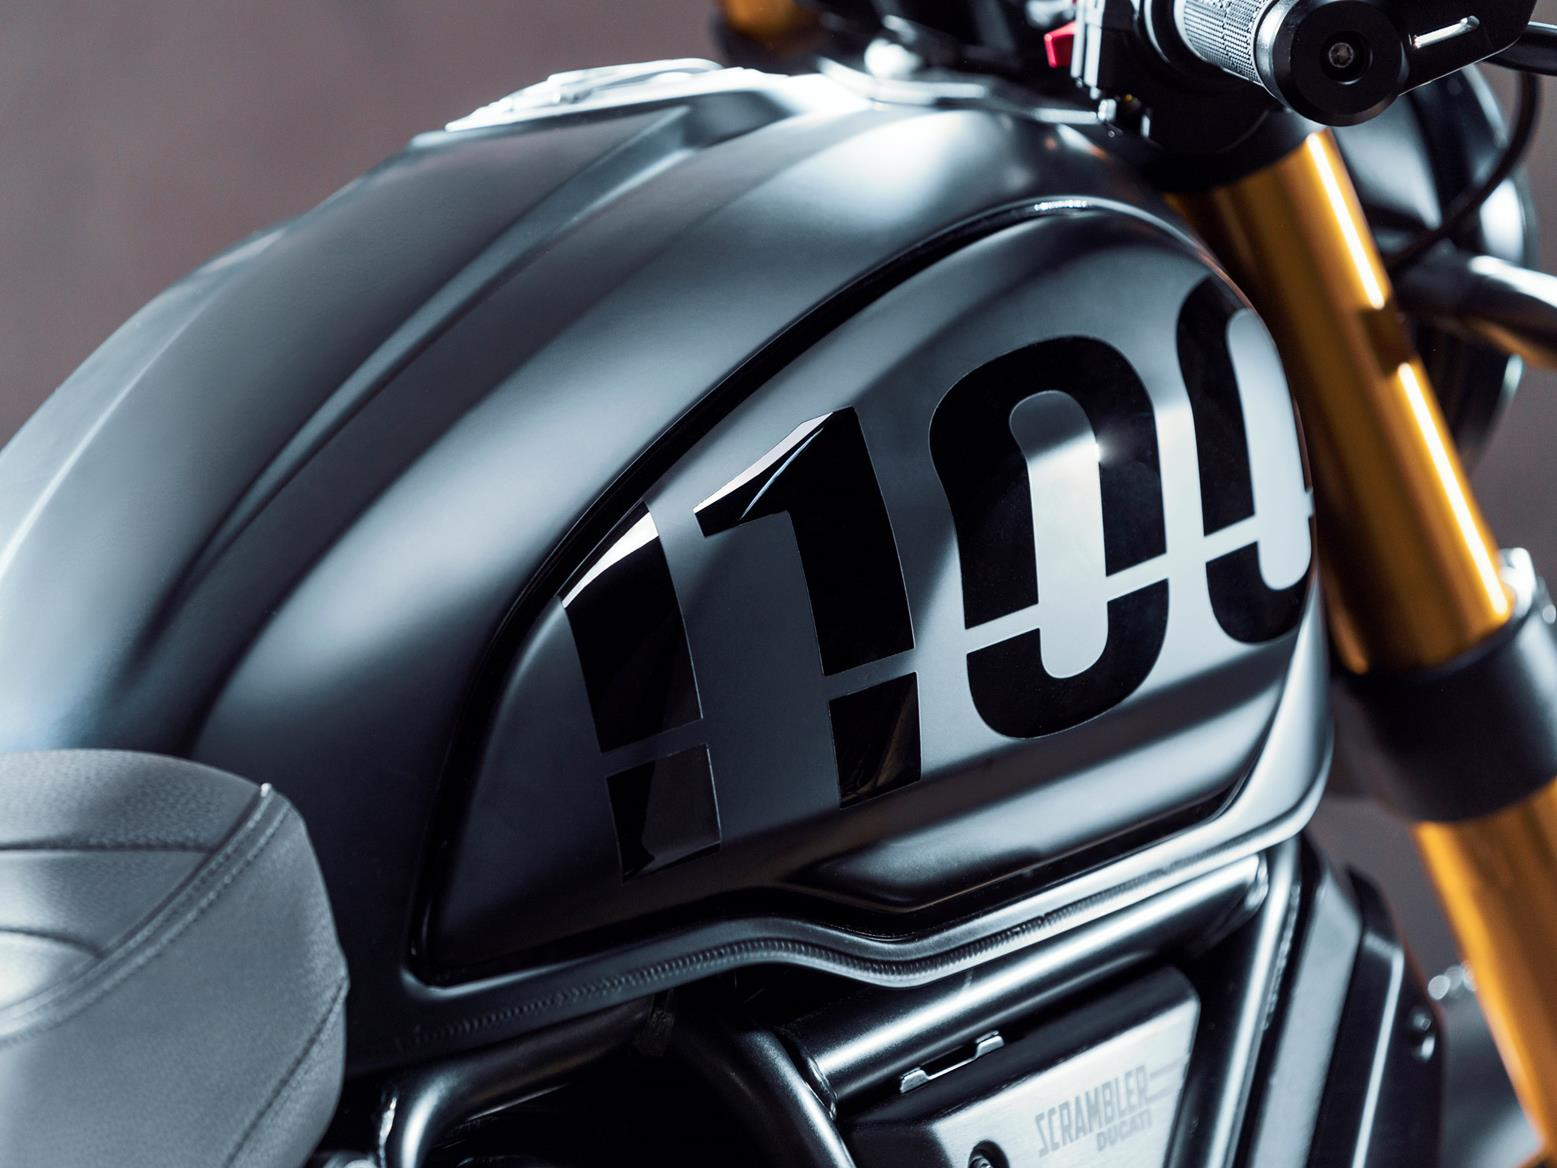 Ducati Scrambler 1100 fuel tank